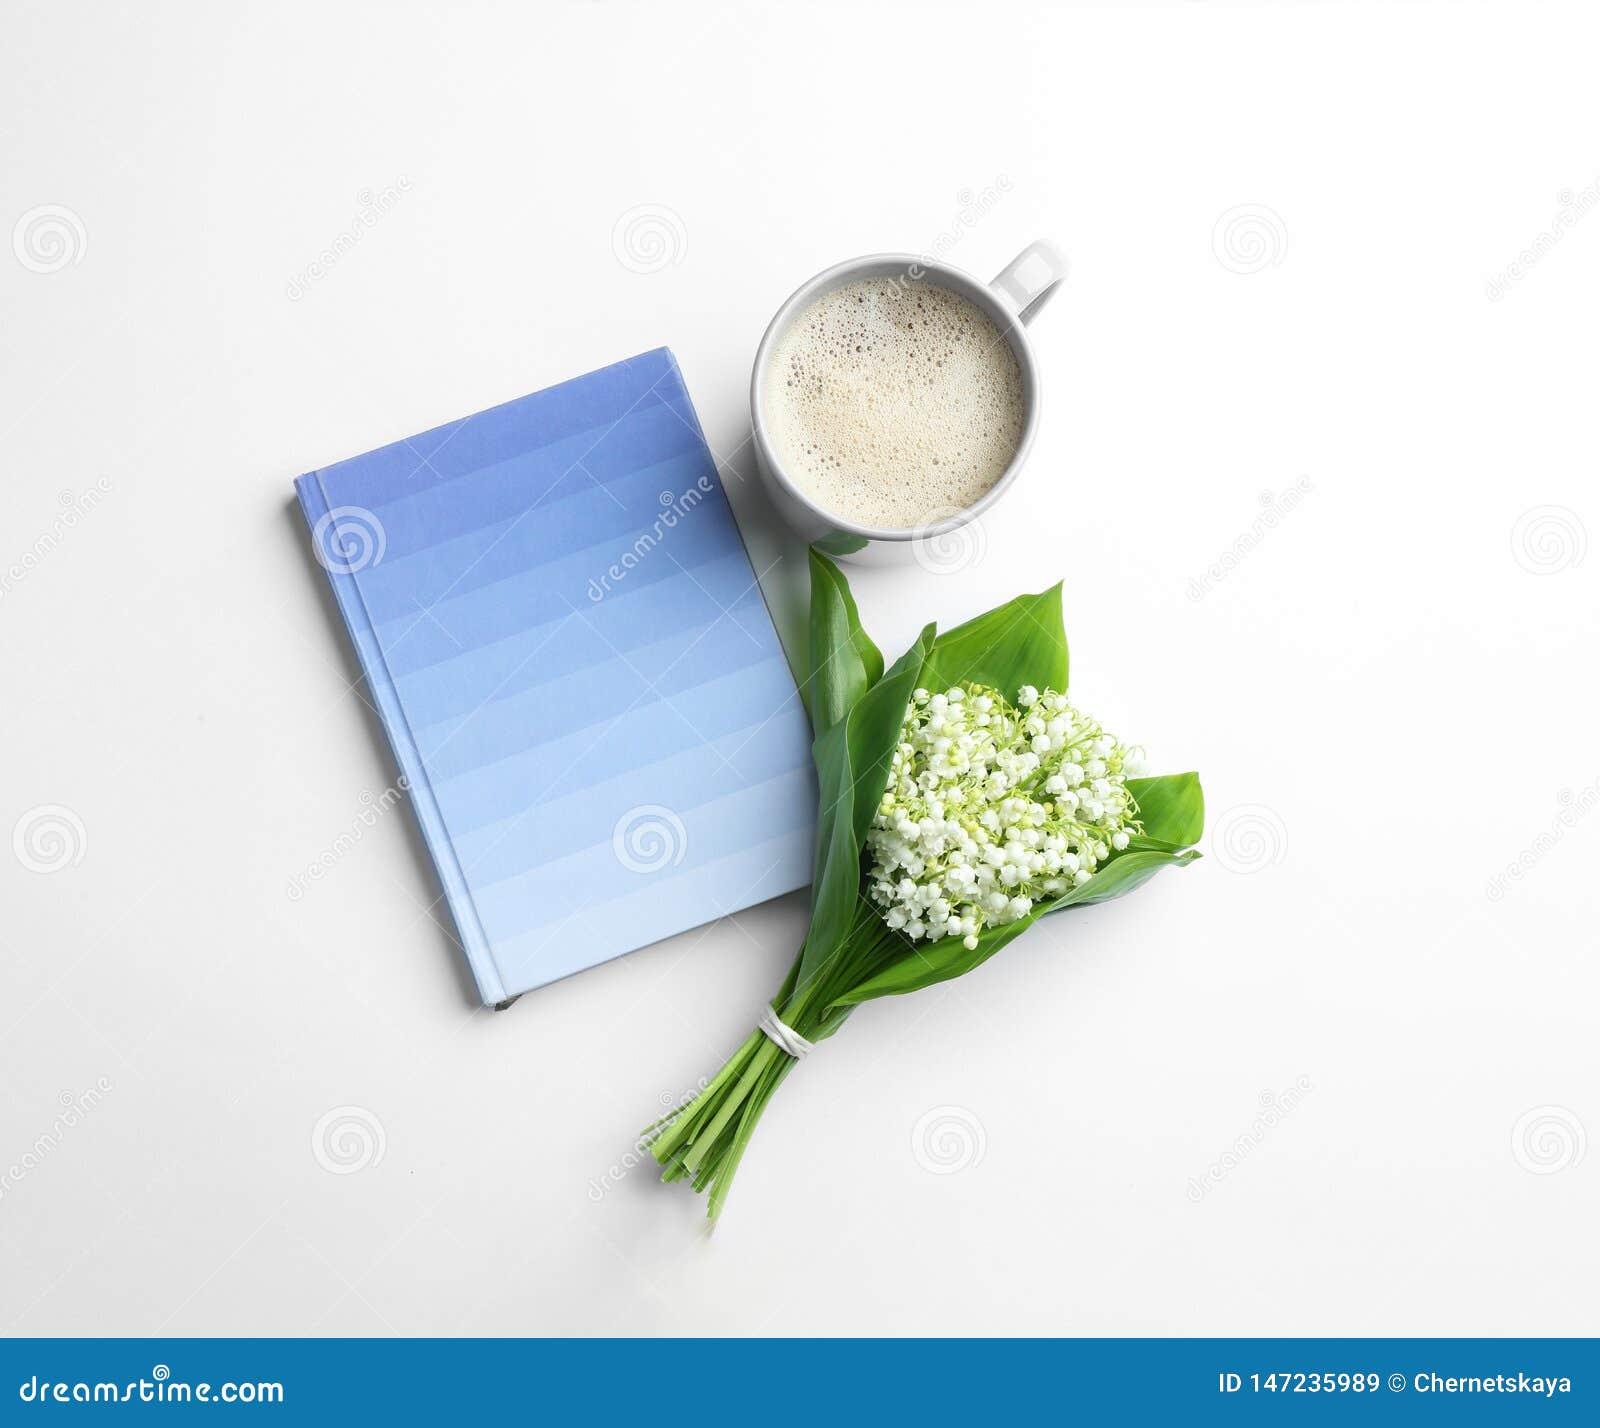 Επίπεδος βάλτε τη σύνθεση με το σημειωματάριο, τον κρίνο της ανθοδέσμης κοιλάδων και τον καφέ